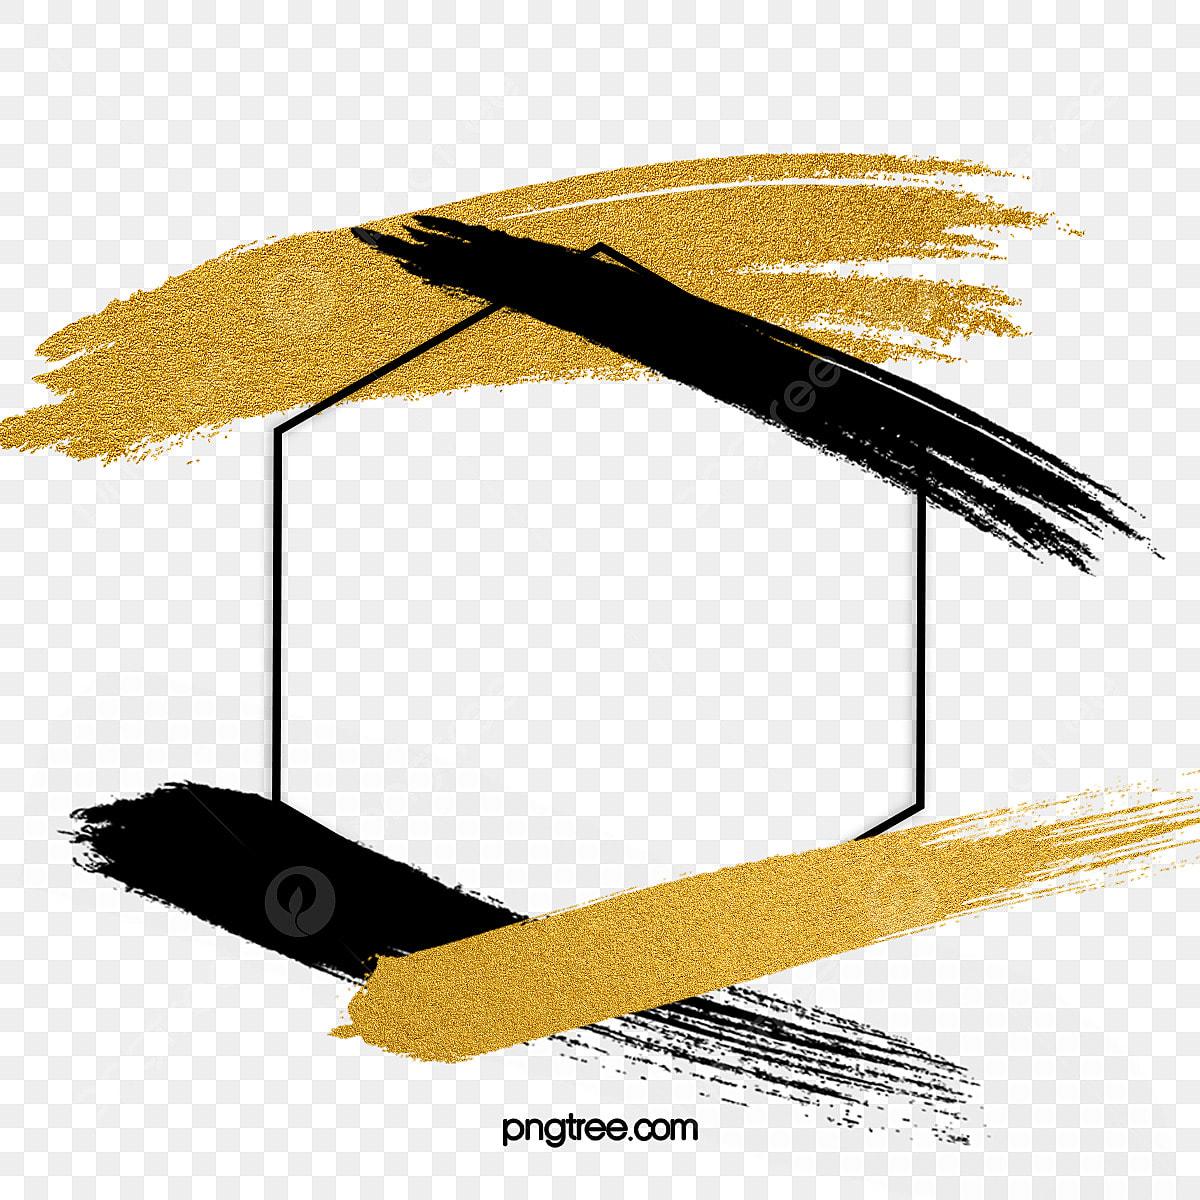 عشبة ضارة عاطفي رو فرشاة سكرابز Png Translucent Network Org